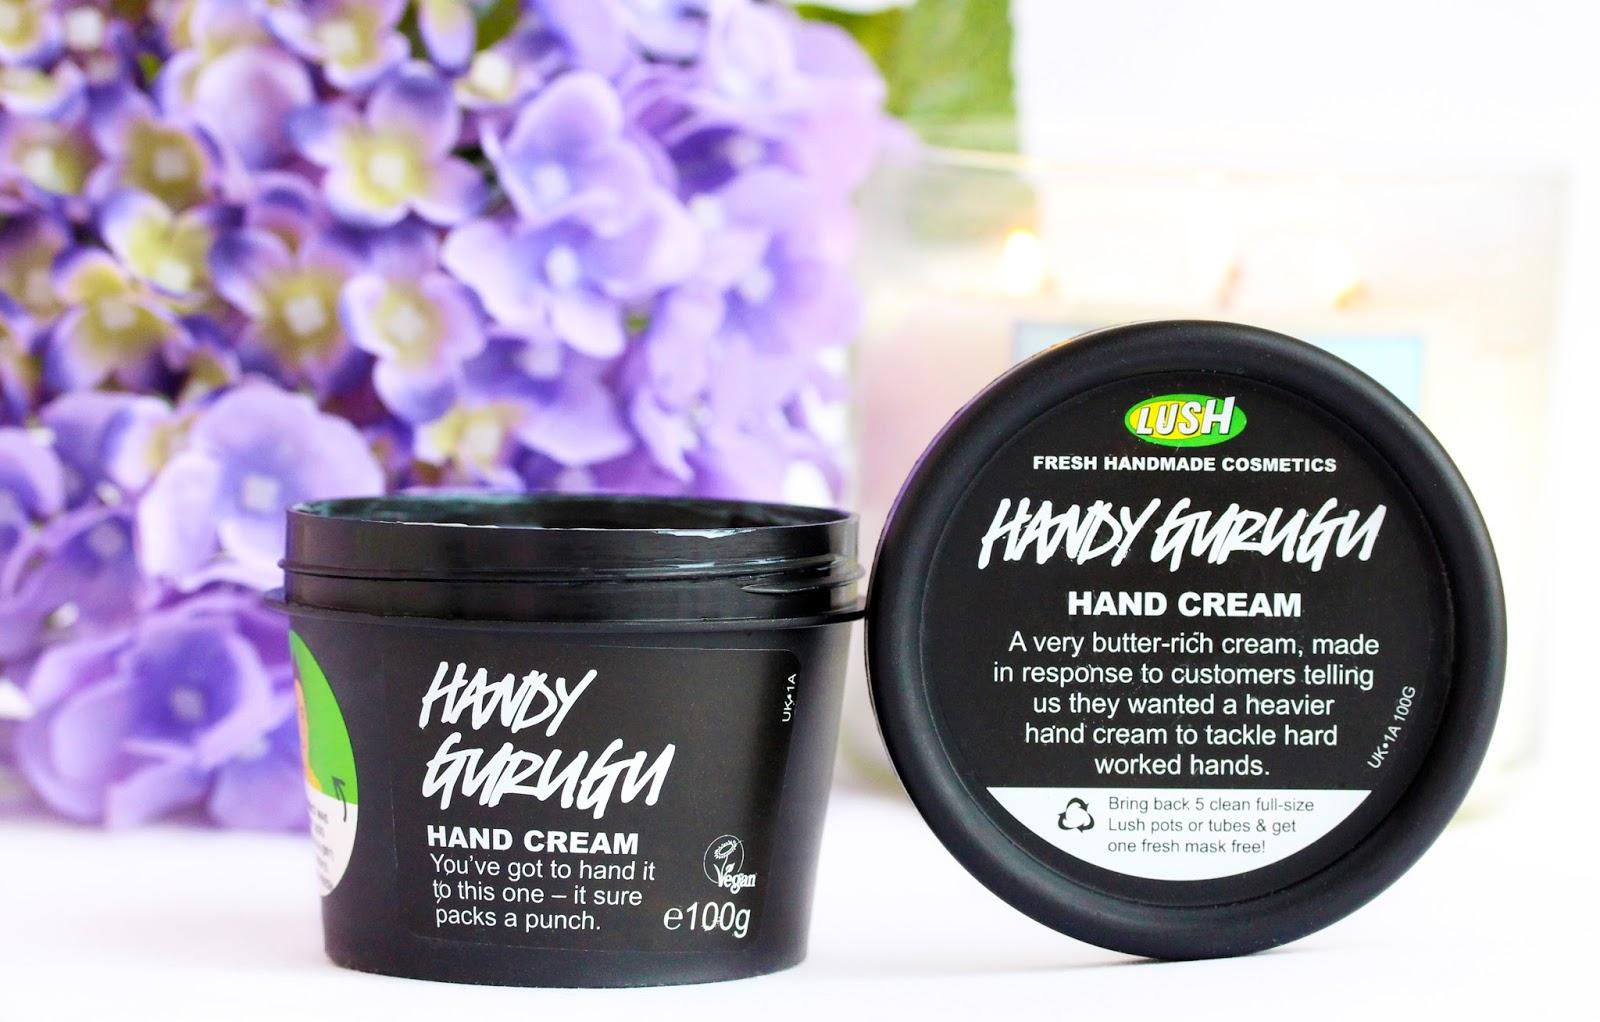 Lush Handy Gurugu Hand Cream